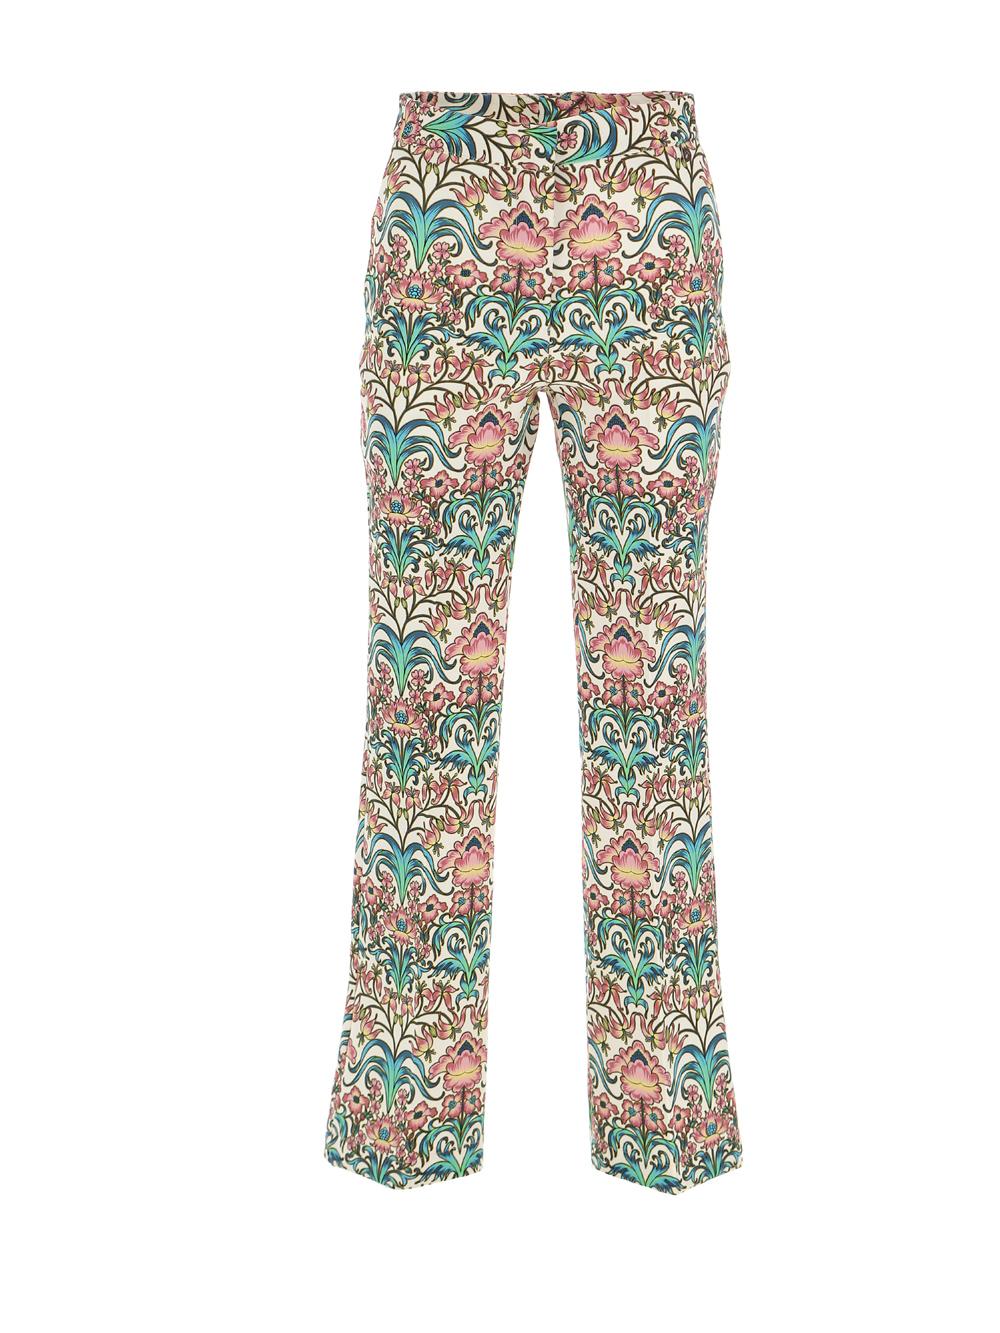 Imperial-multi color bukser